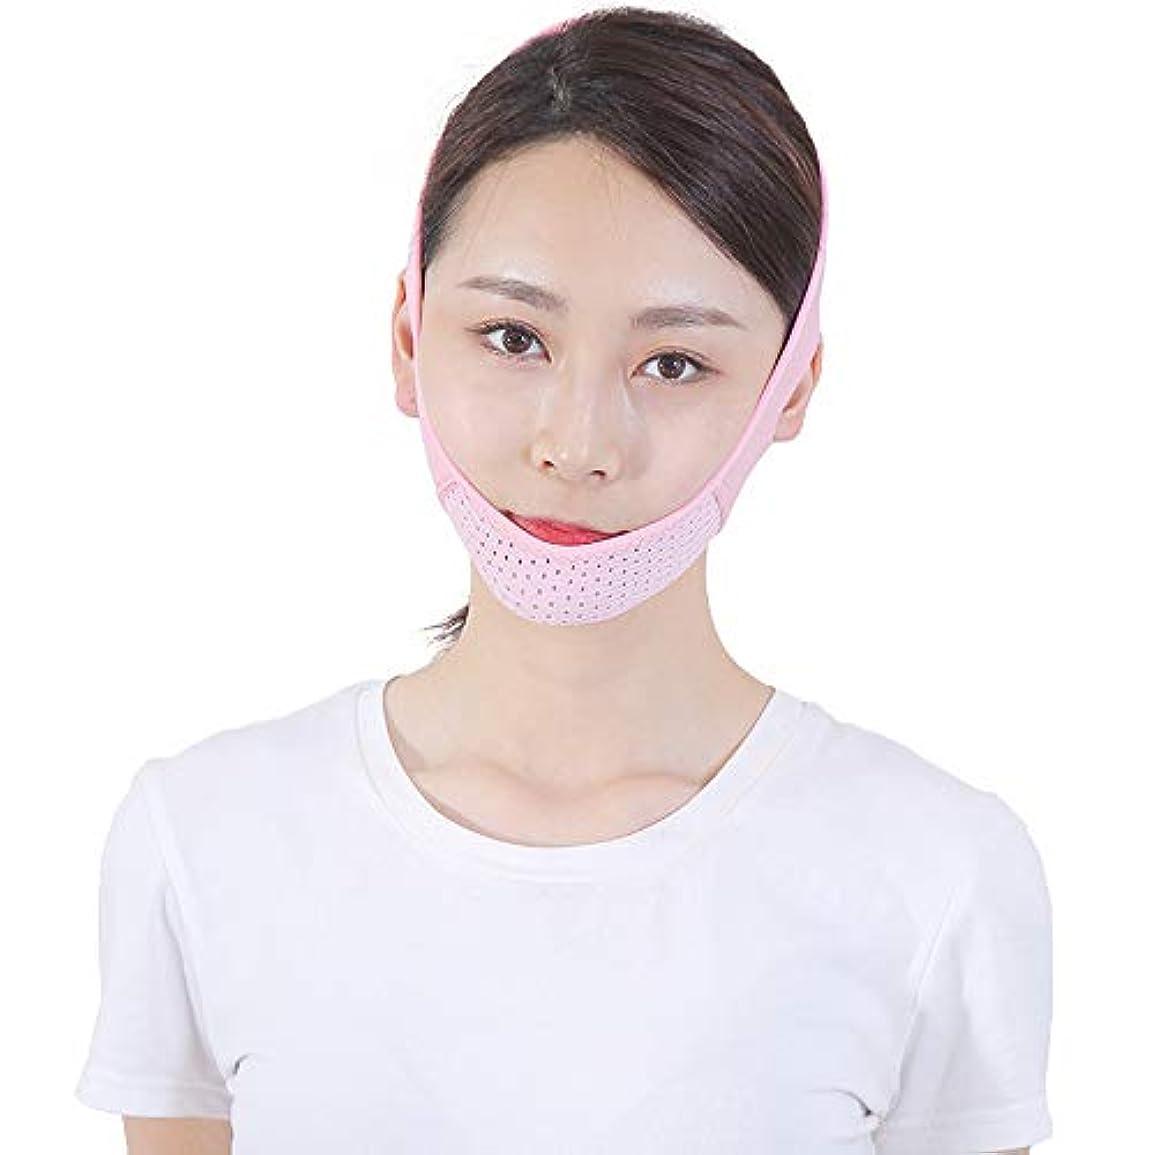 薄い顔のベルト - 薄い顔のベルト 顔の包帯ダブルチンの顔リフトの人工物Vのフェイスベルト薄い顔のマスク 美しさ